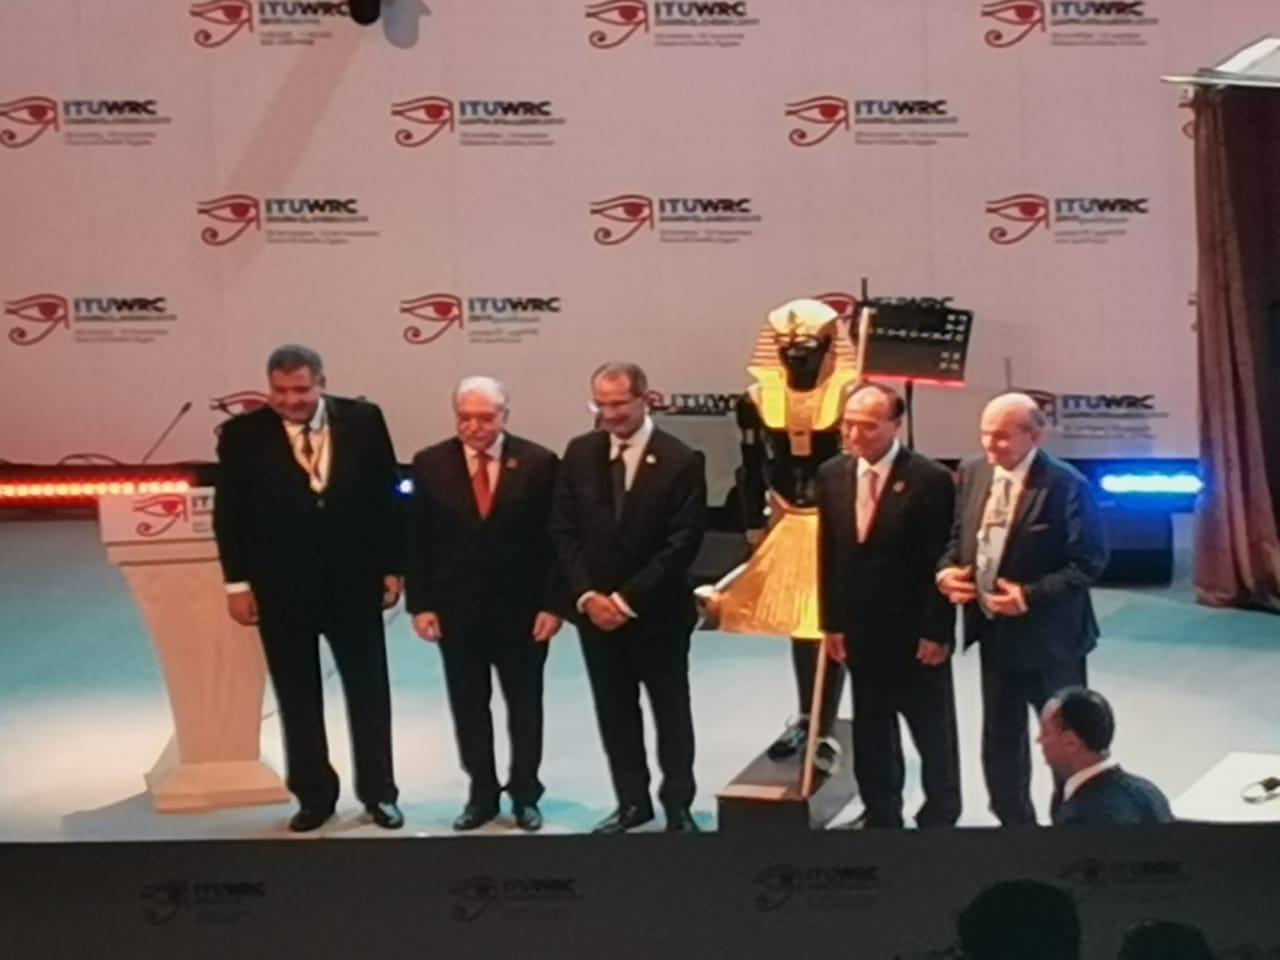 وزير الاتصالات يهدى تمثال توت عنخ آمون لرئيس الاتحاد الدولى للاتصالات